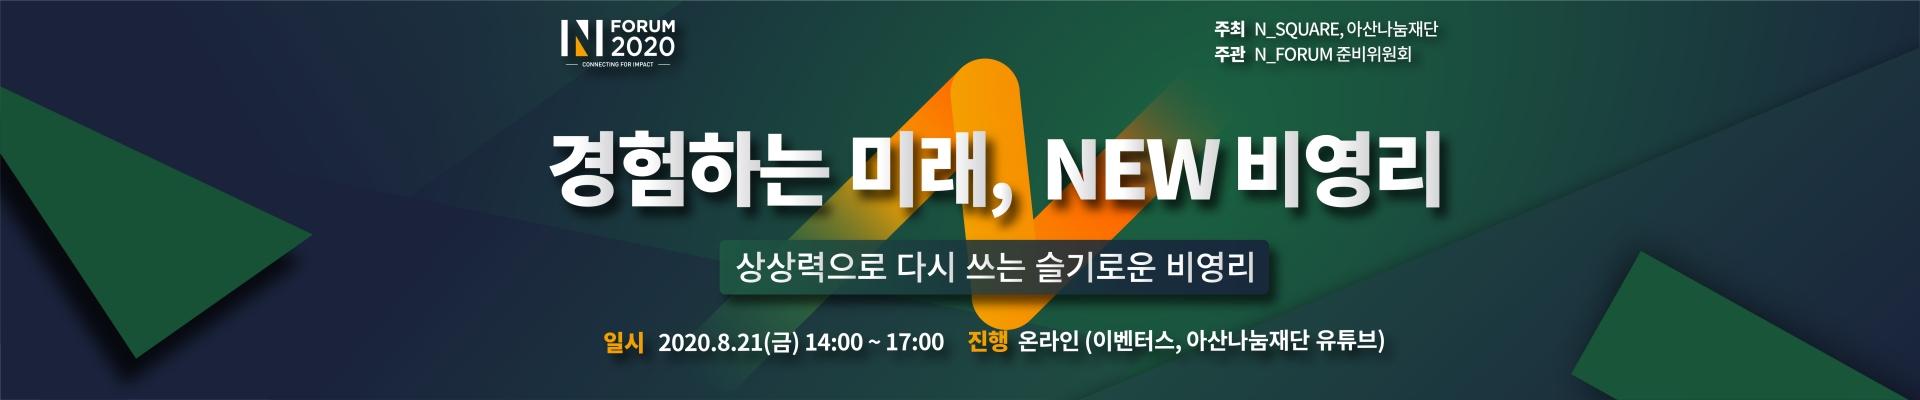 이벤터스_아산나눔재단에서 개최하는 N_FORUM 2020, 이번 행사는 경험하는 미래, New 비영리를 주제로 온라인으로 개최됩니다.